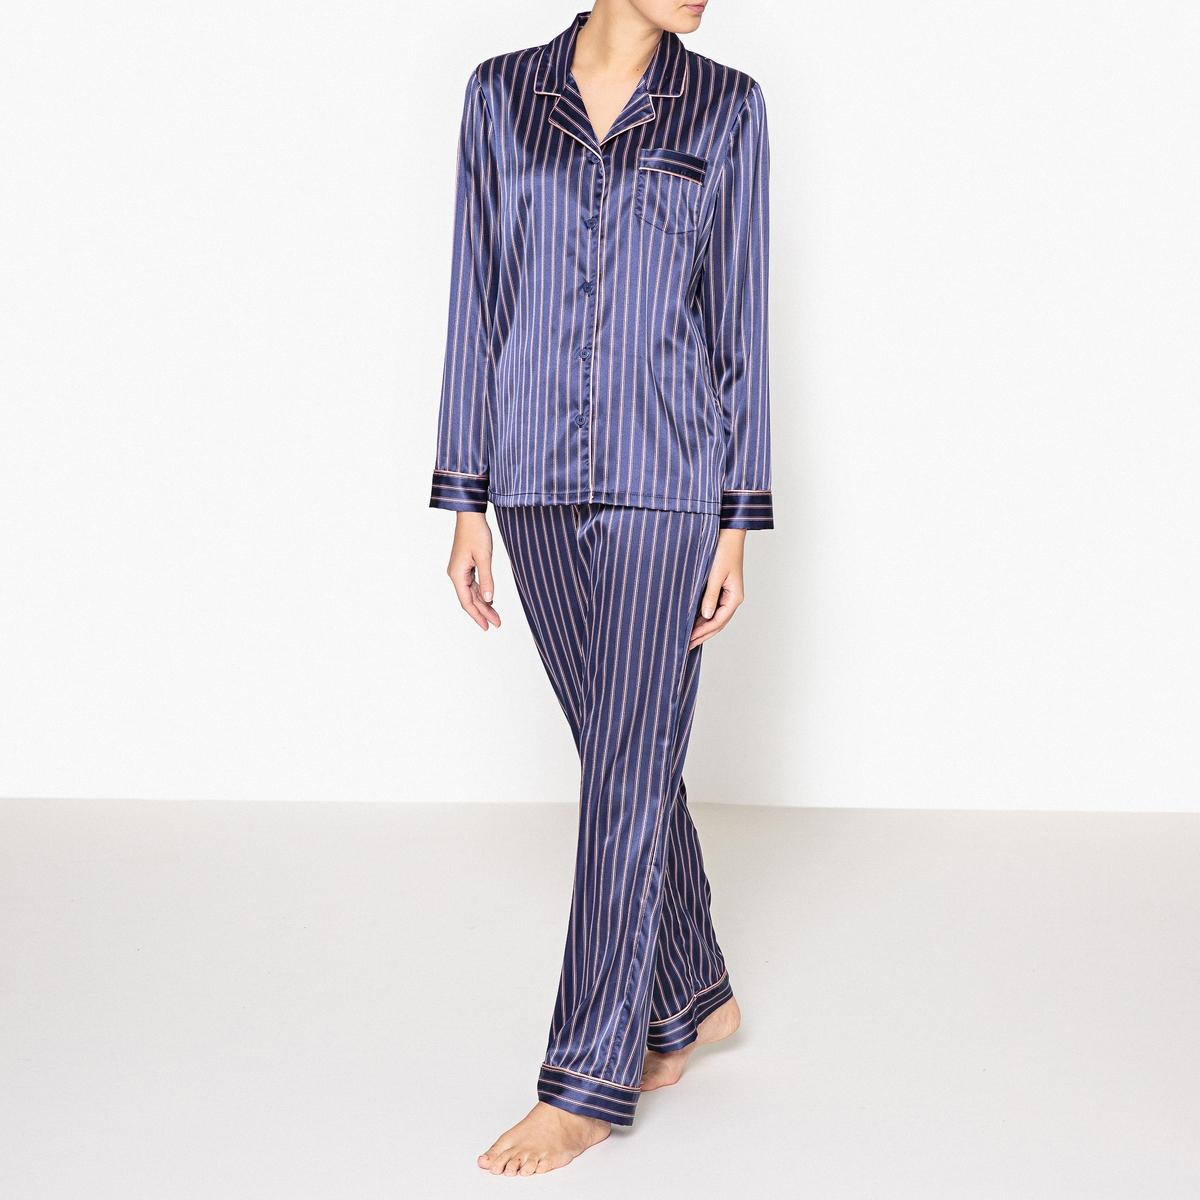 Пижама в полоскуПижама в винтажном стиле в полоску, Louise Marnay.Пижама из 2 предметов, прямой покрой, рисунок в полоску. Верх с накладными нагрудными карманами, застежкой на пуговицы и длинными рукавами. Брюки с эластичным поясом на завязках. Состав и описание : Материал : 96% полиэстера, 4% эластанаДлина :Верх: 68 смПо внутр.шву : 76 смМарка : Louise Marnay.Уход:Машинная стирка при 30 °С на деликатном режиме с вещами схожих цветов.Стирать и гладить при низкой температуре с изнаночной стороны.Машинная сушка запрещена.<br><br>Цвет: в полоску<br>Размер: 46 (FR) - 52 (RUS).50 (FR) - 56 (RUS).36 (FR) - 42 (RUS)